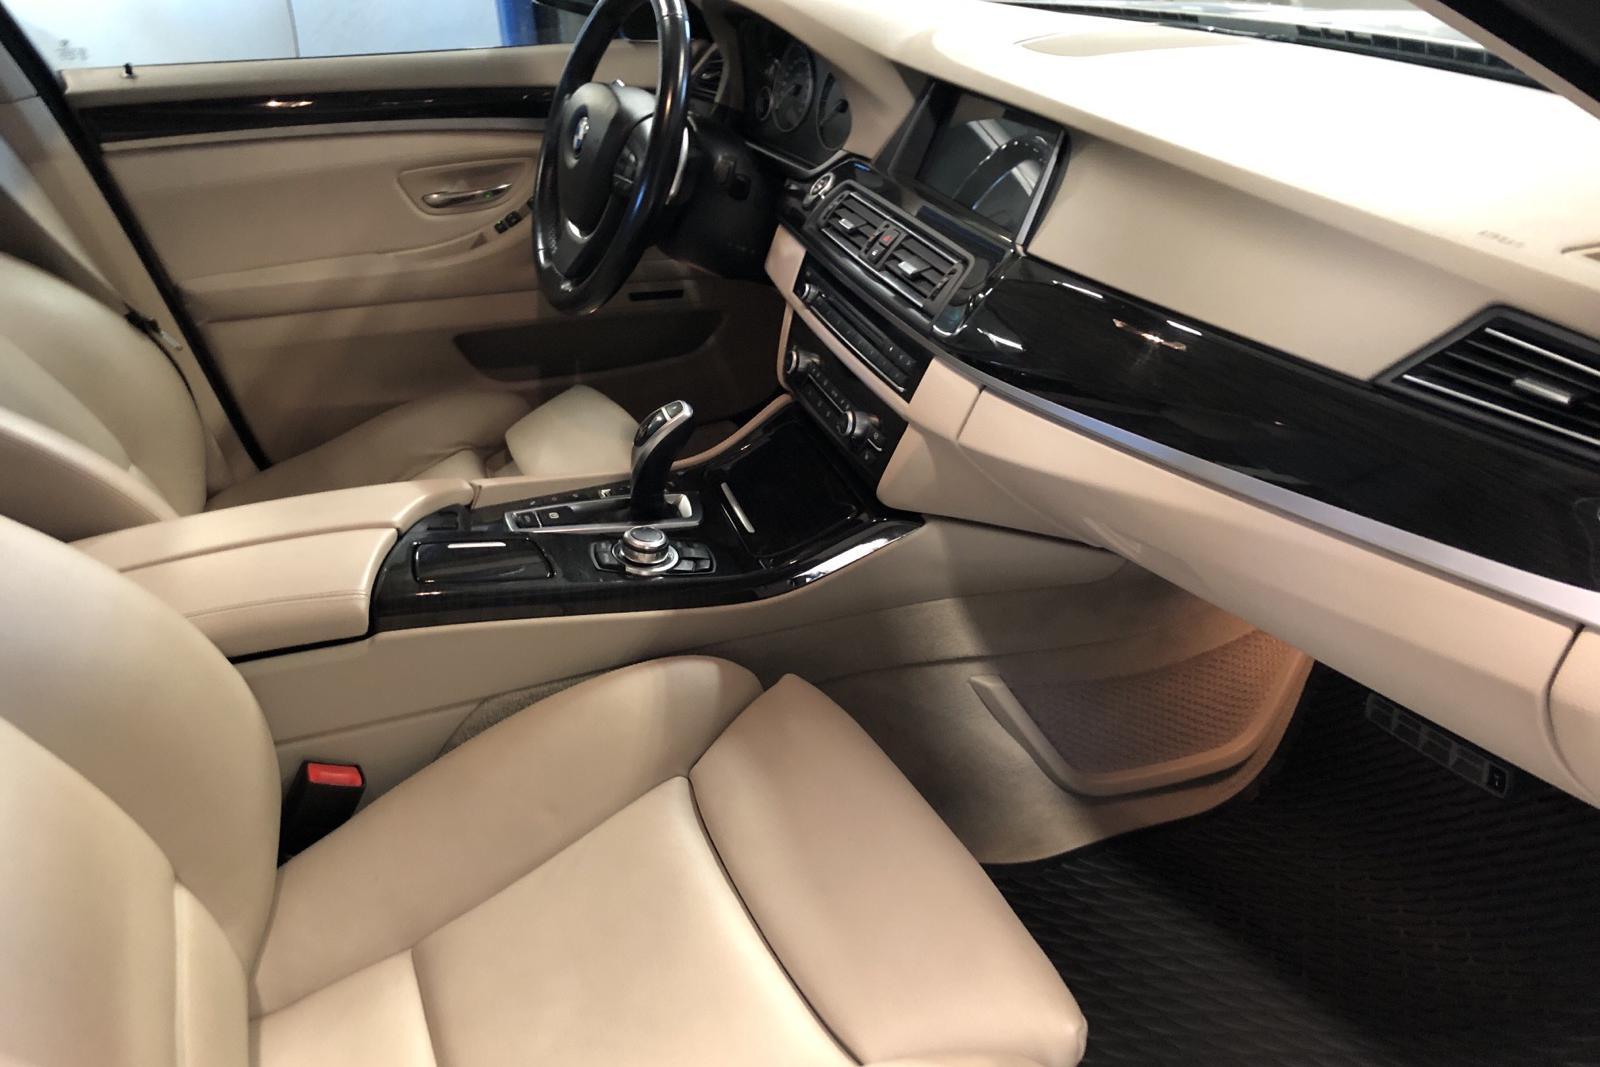 BMW 535i xDrive Sedan, F10 (306hk) - 9 298 mil - Automat - silver - 2011